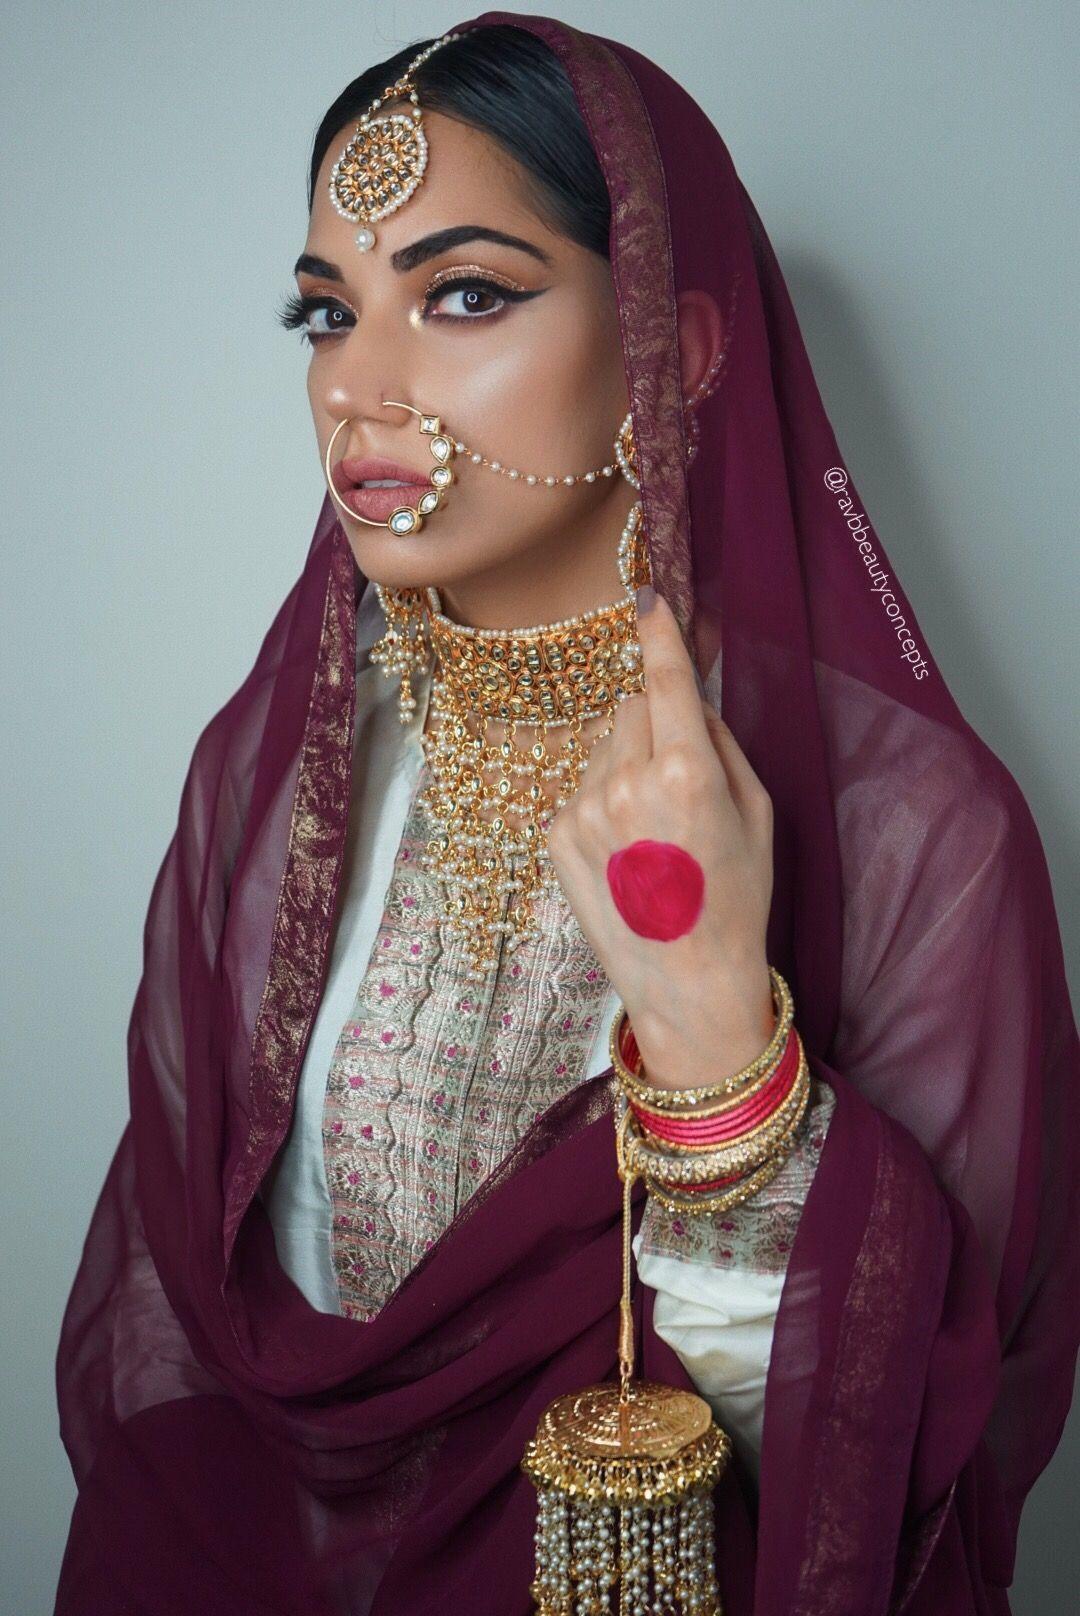 Indian Bridal Makeup Bridal Makeup Indian Bridal Hair Bridal Hair South Asian Bridal Indian Bridal Makeup Indian Bridal Hairstyles Pakistani Bridal Makeup